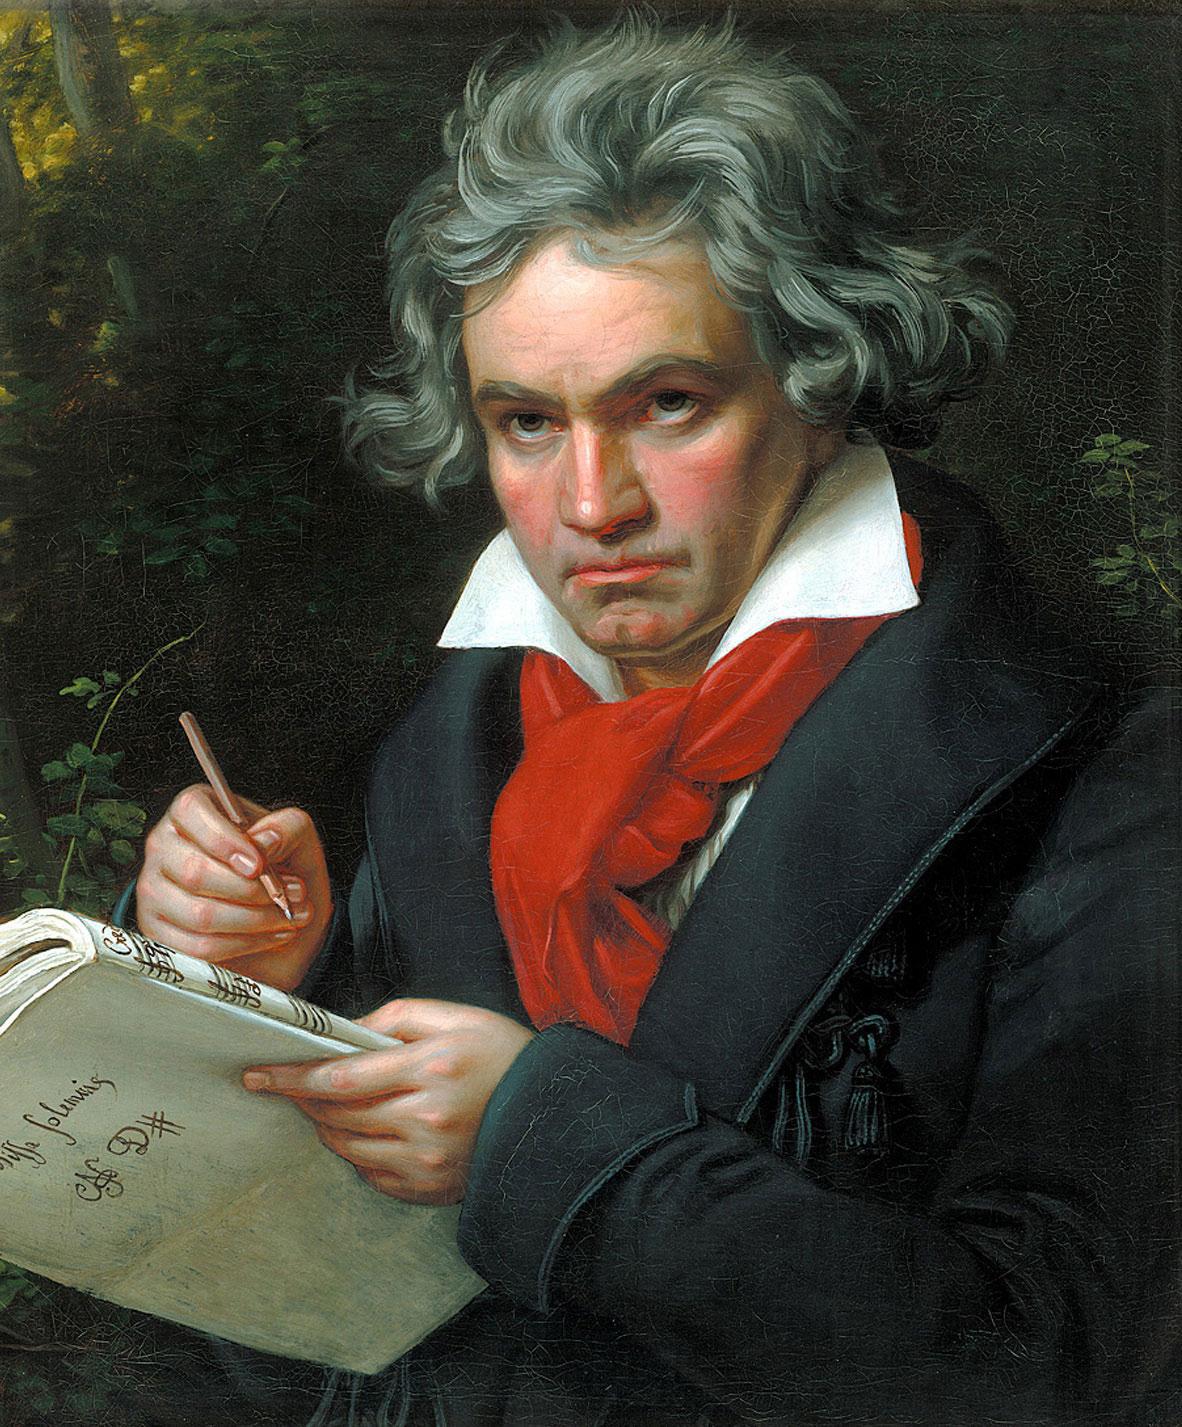 http://arkiv.klassiskmusikk.com/wp-content/uploads/2018/12/Beethoven-foto-hele.jpg